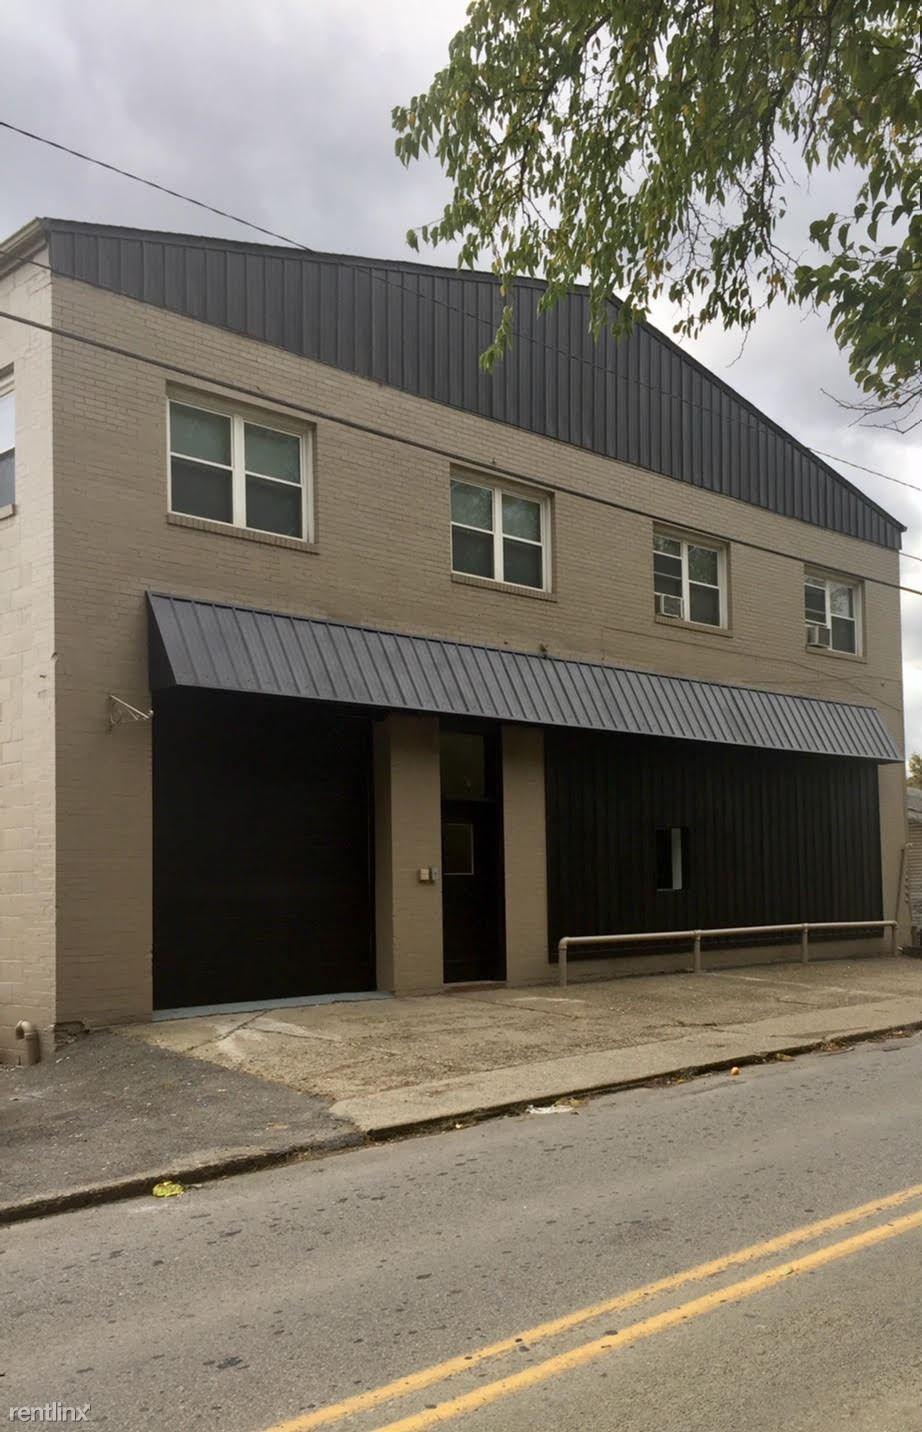 414 E Lincoln Ave, Mc Donald, PA - $650